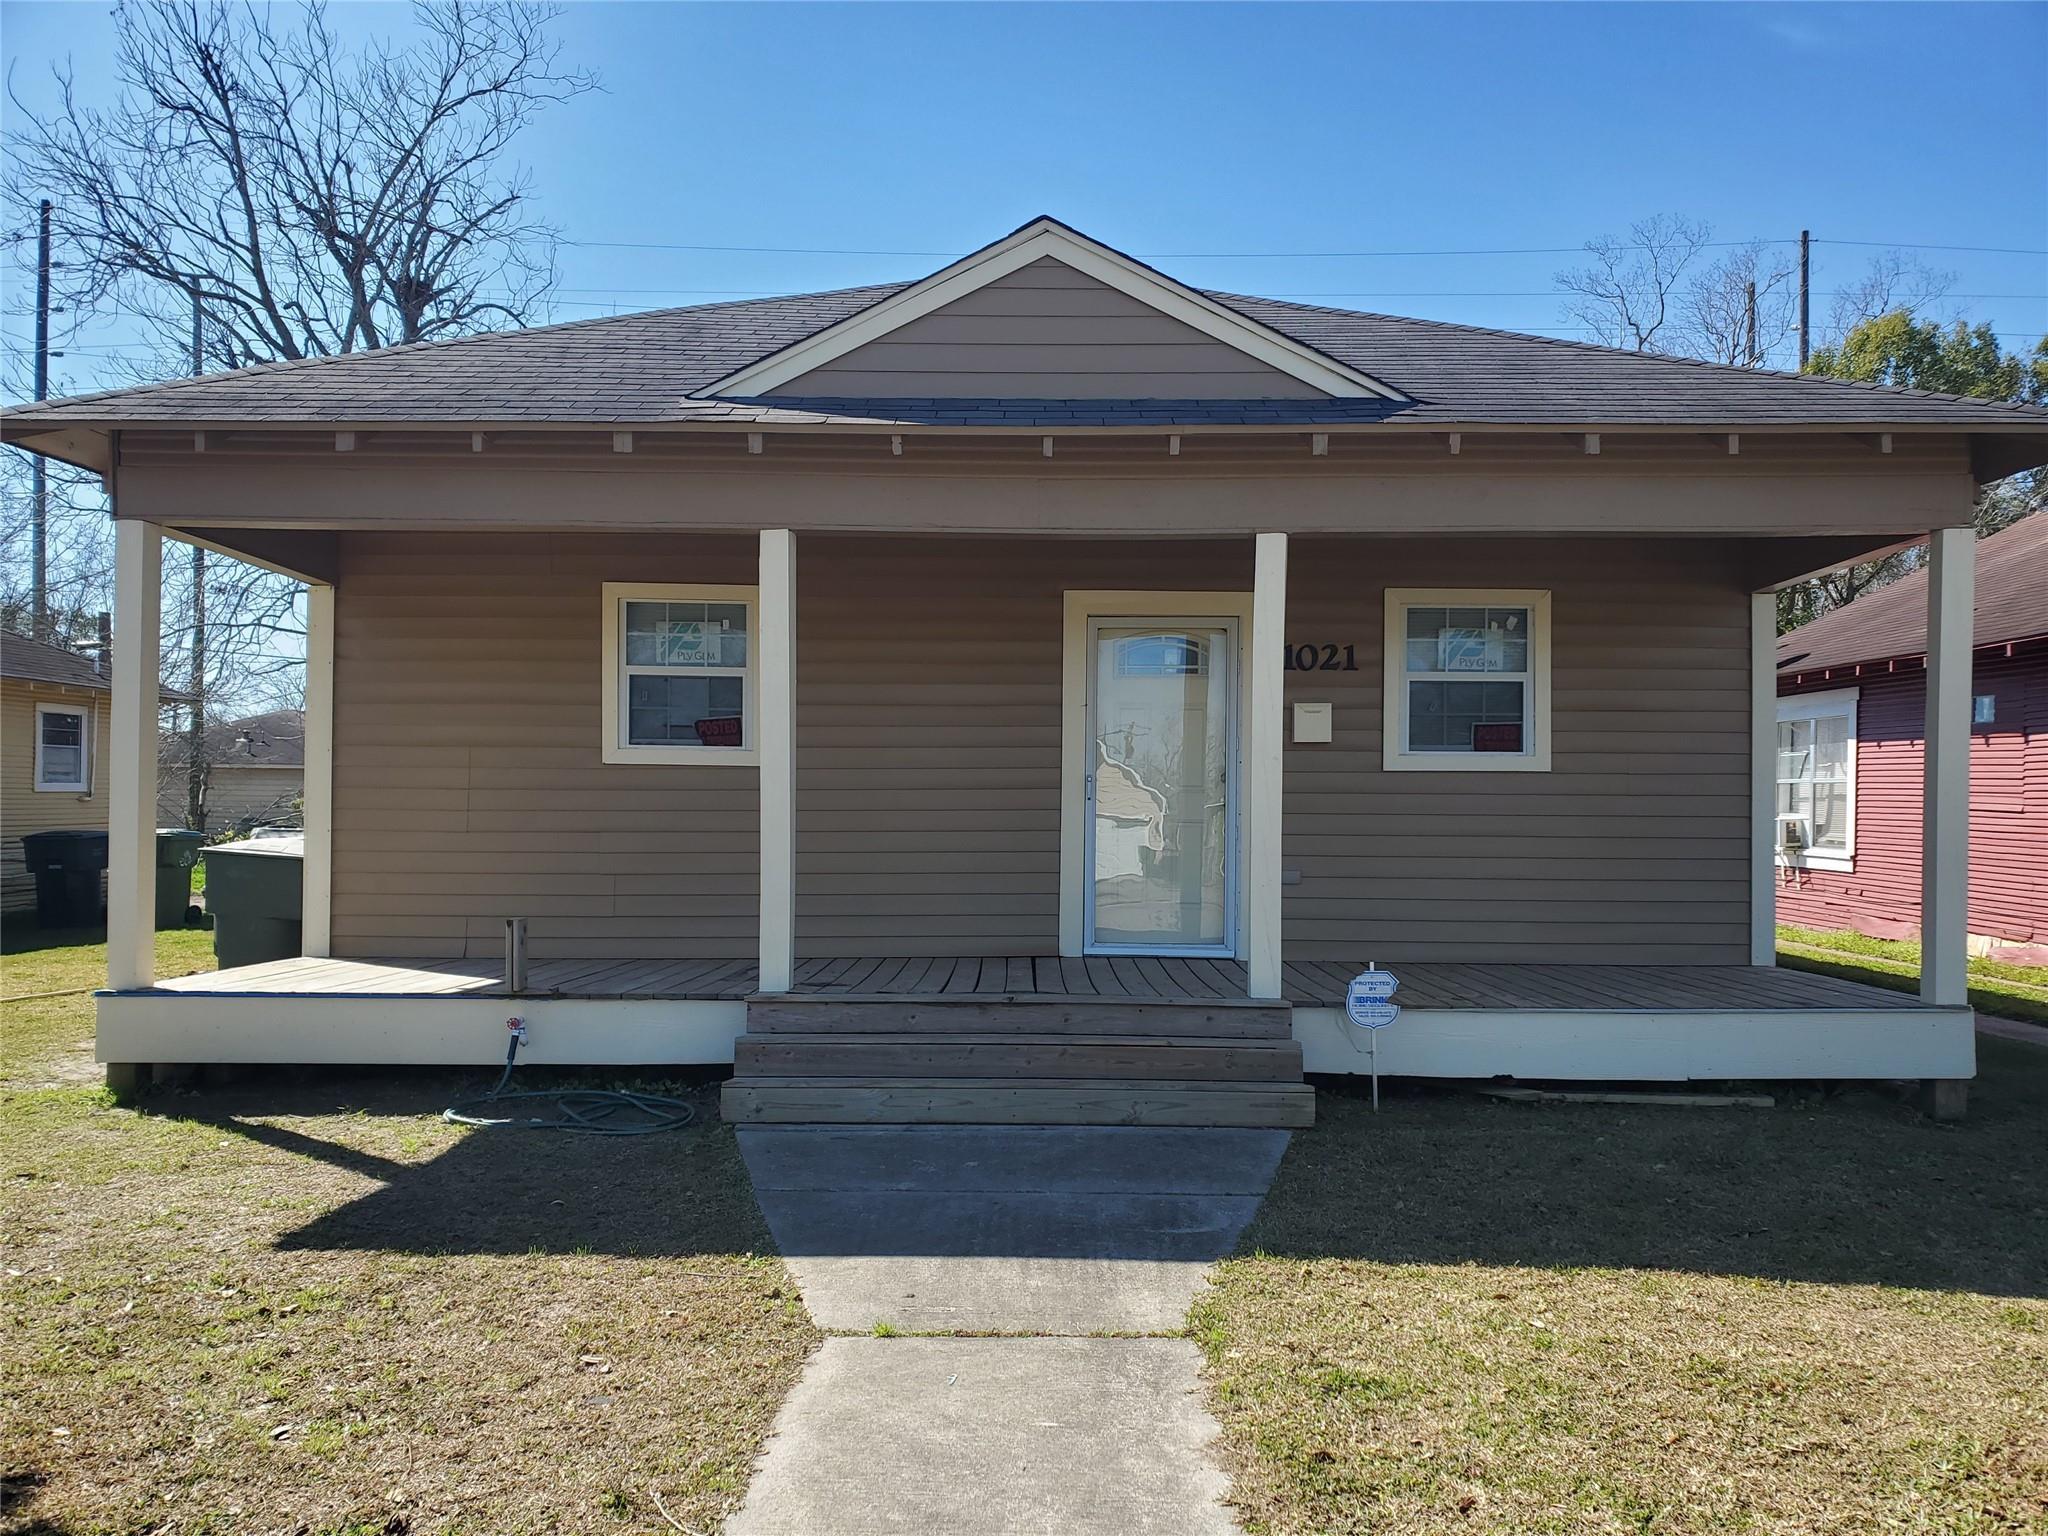 1021 Dequeen Boulevard Property Photo